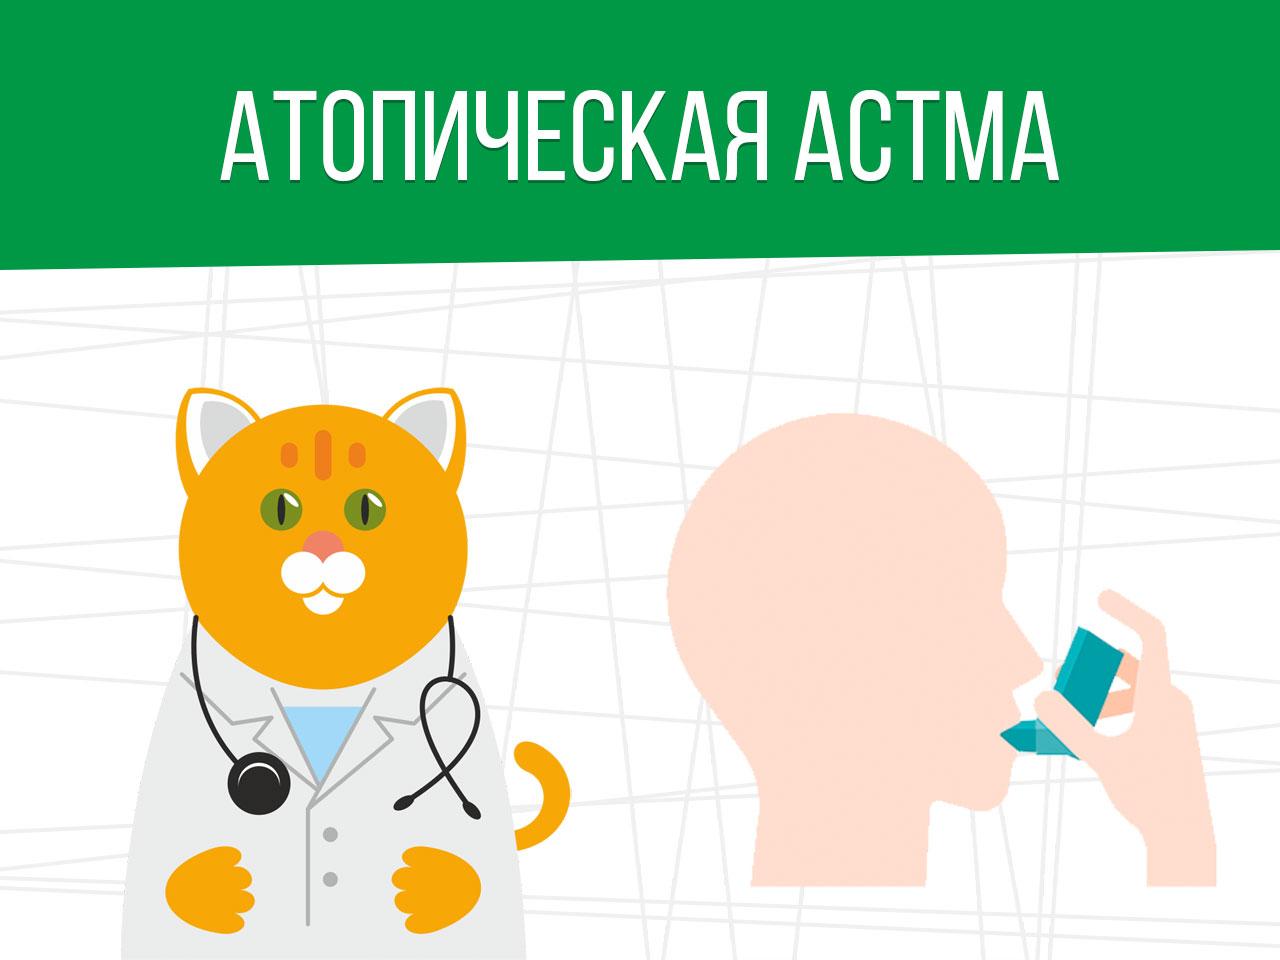 Атопическая астма: годен ли в армию?